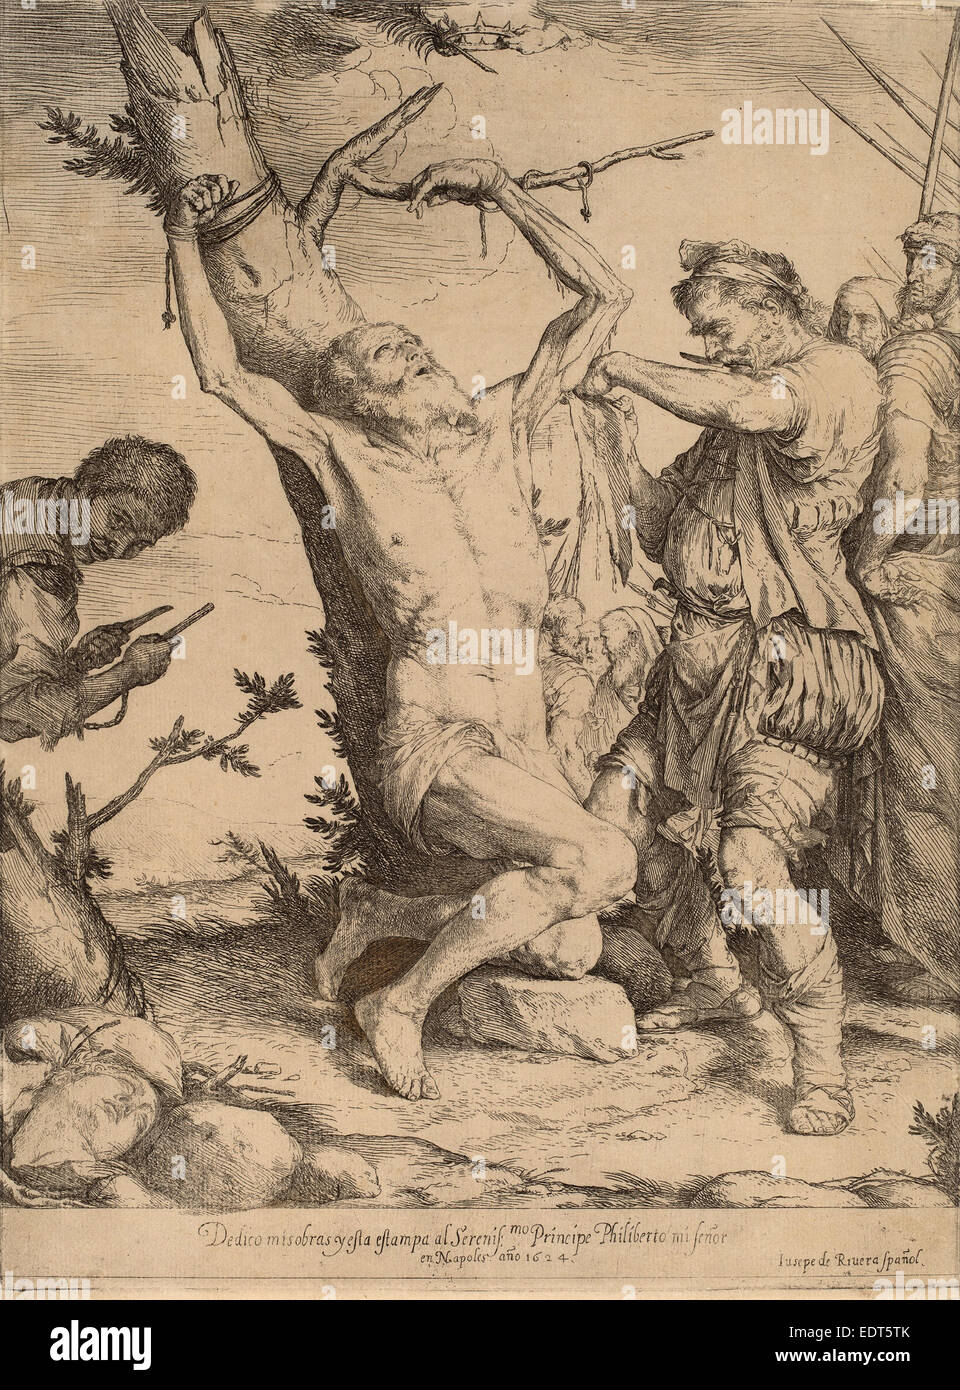 Jusepe de Ribera, The Martyrdom of Saint Bartholomew, Spanish, 1591 - 1652, 1624, etching and engraving - Stock Image